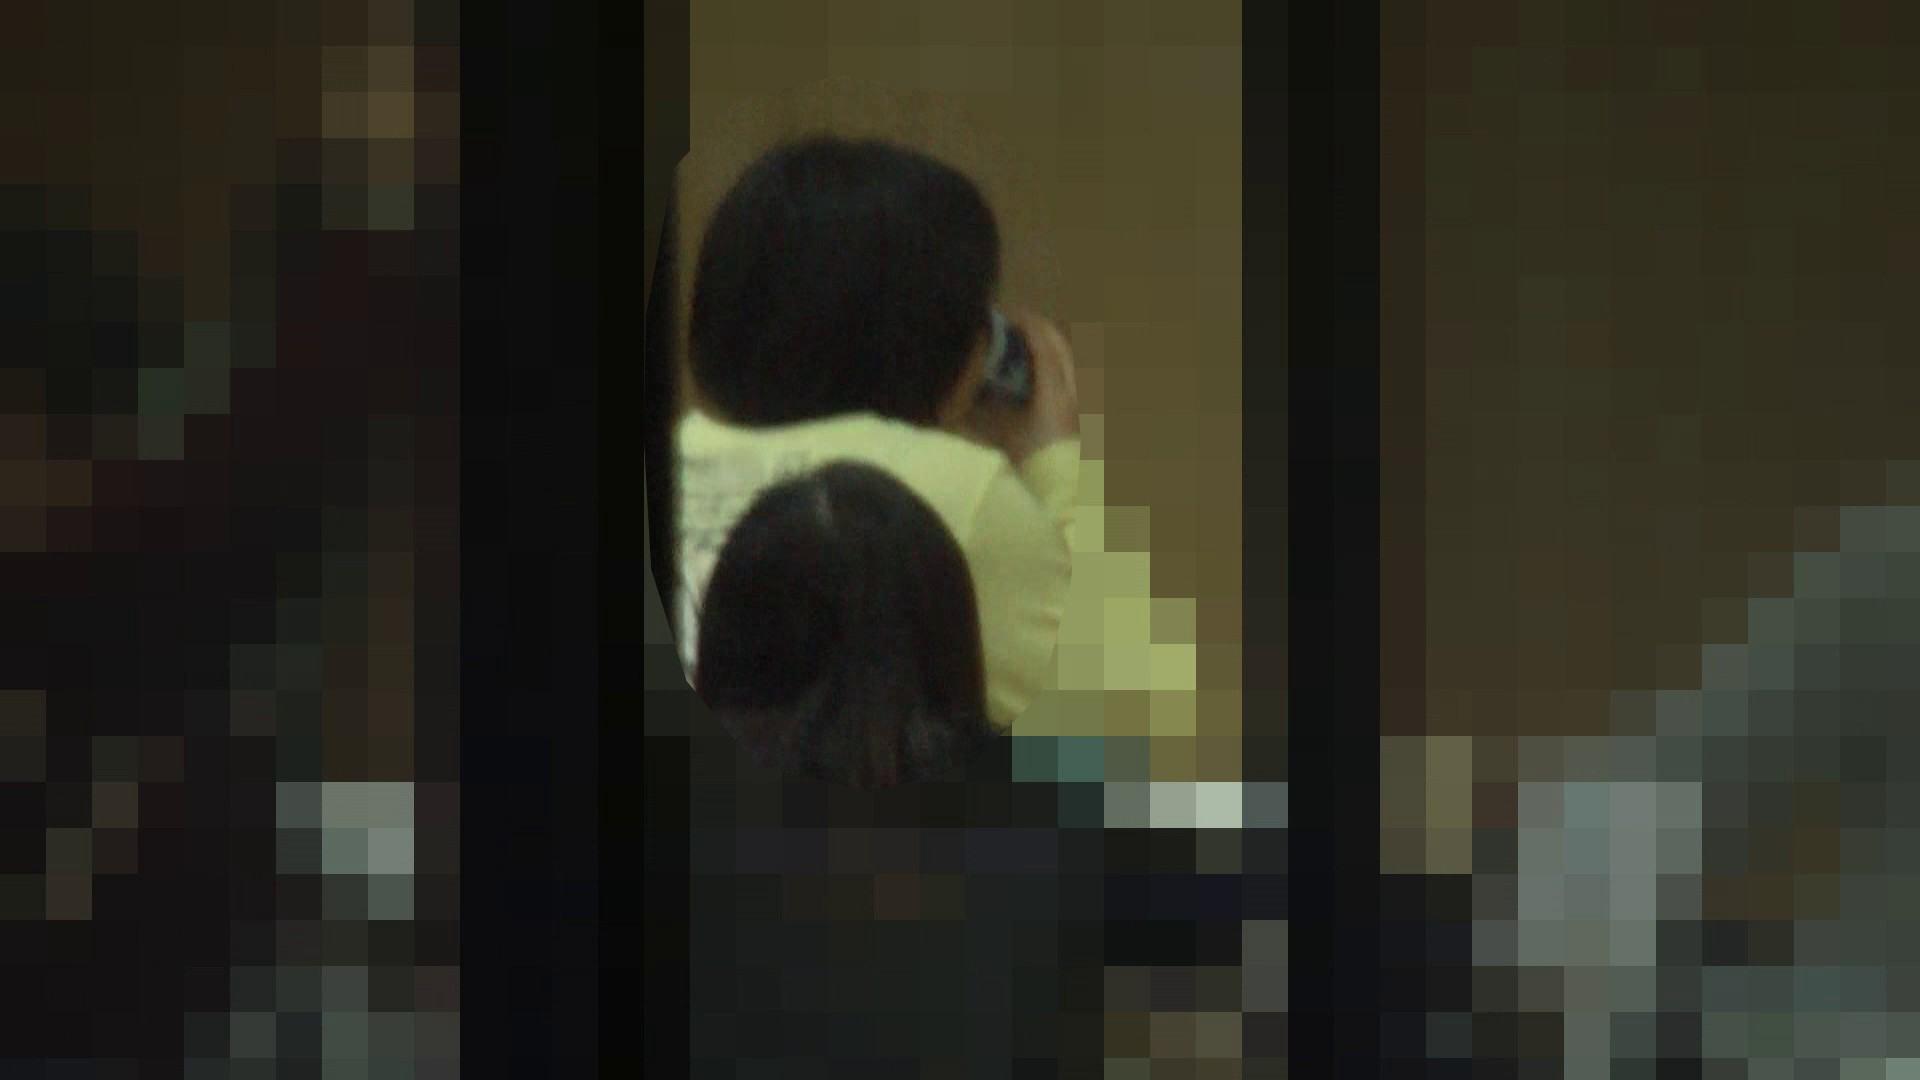 Aquaな露天風呂Vol.207 盗撮 覗きおまんこ画像 98連発 2